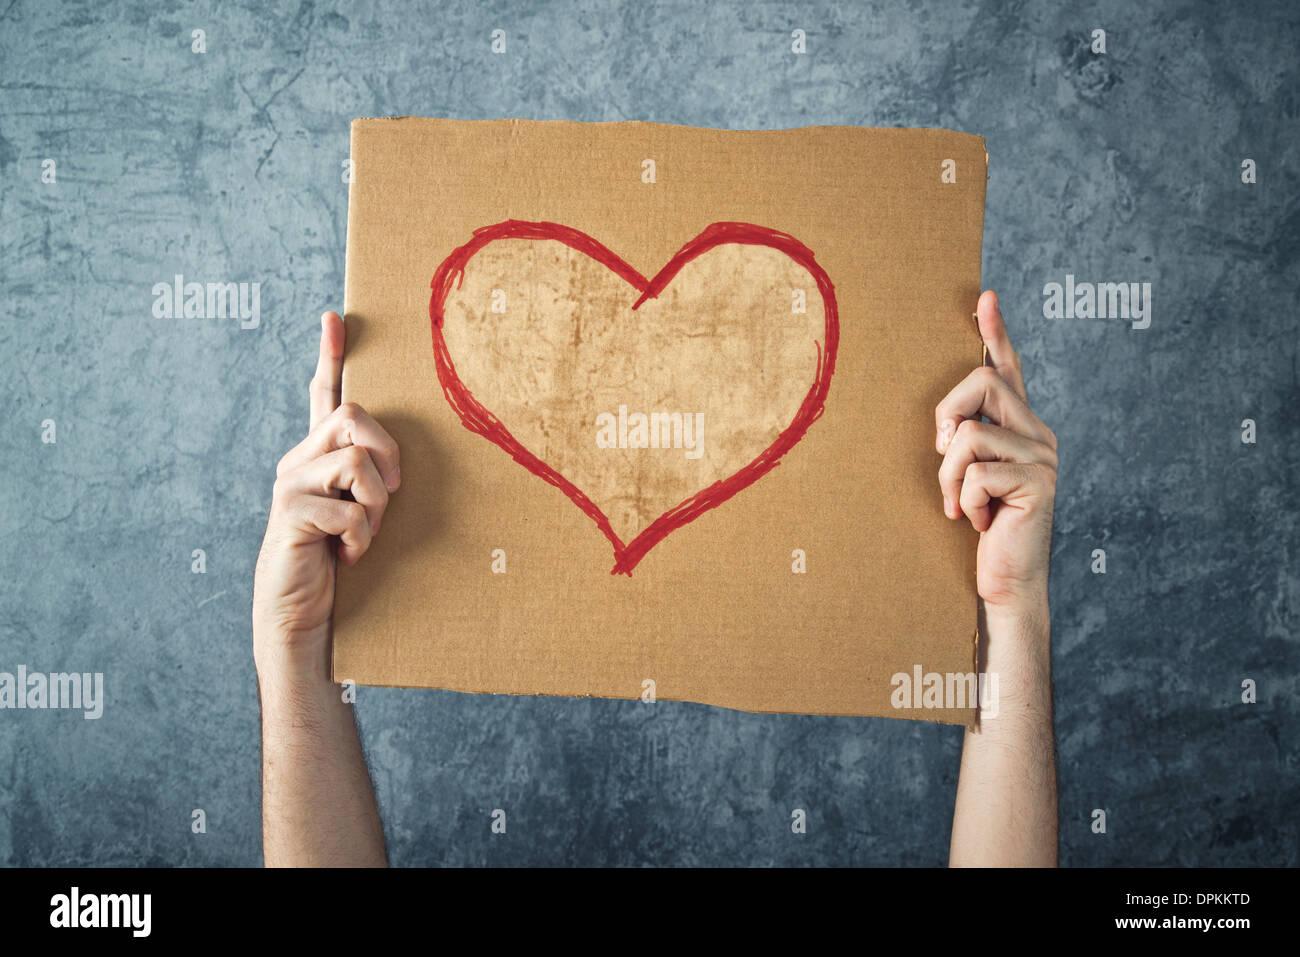 Uomo con carta di cartone a forma di cuore disegno come il giorno di San Valentino immagine concettuale. Immagini Stock